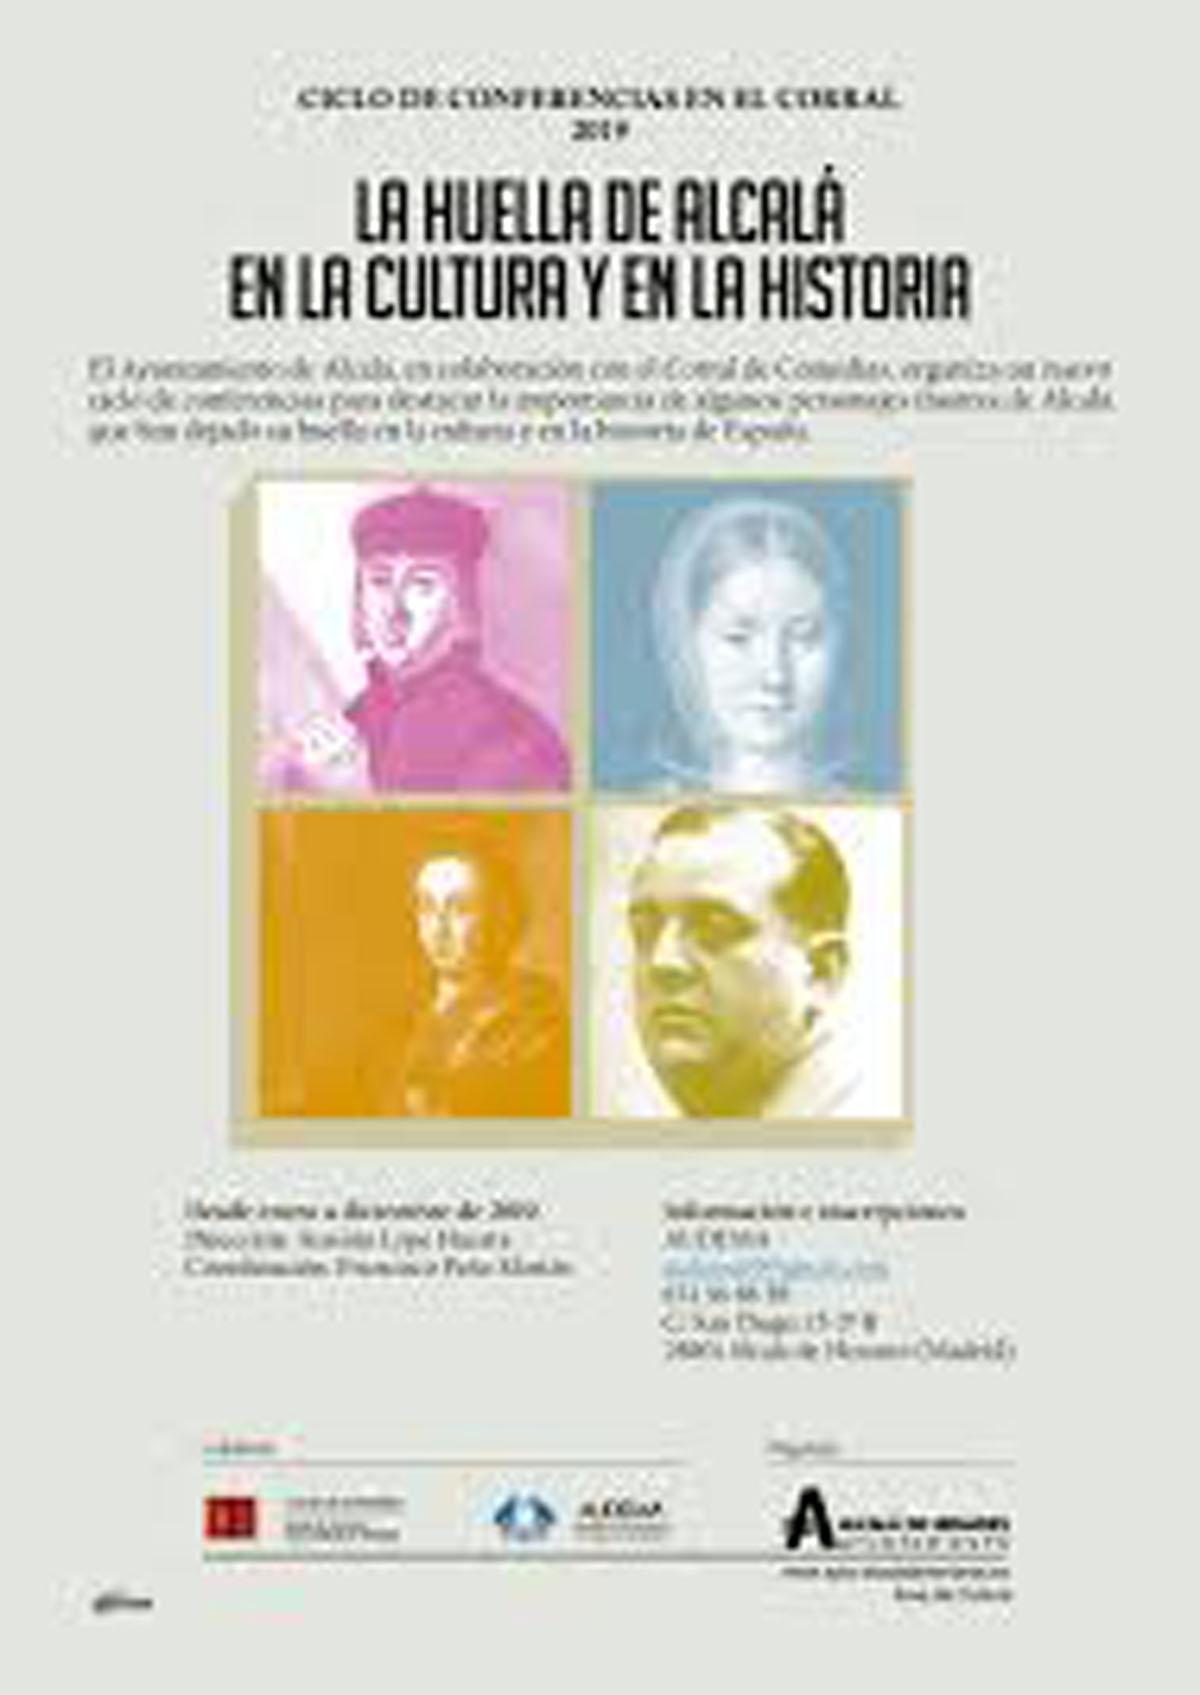 Lee todo sobre el evento La huella de Alcalá en la cultura y en la historia II (Ciclo de conferenciasen el Corral 2020)